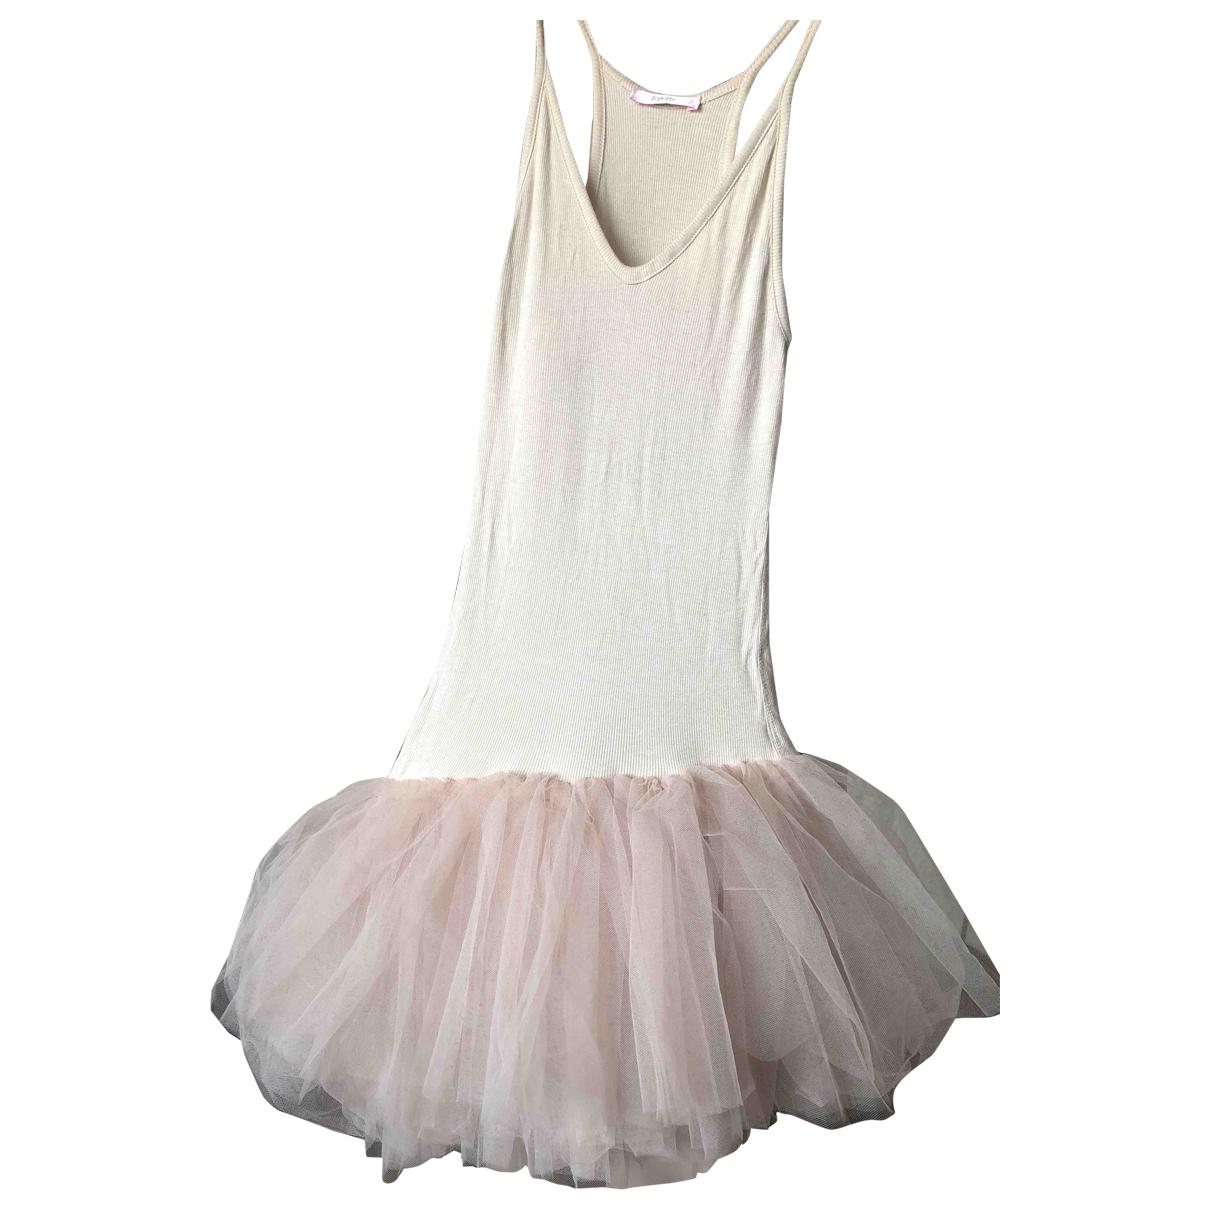 Repetto \N Kleid in Baumwolle